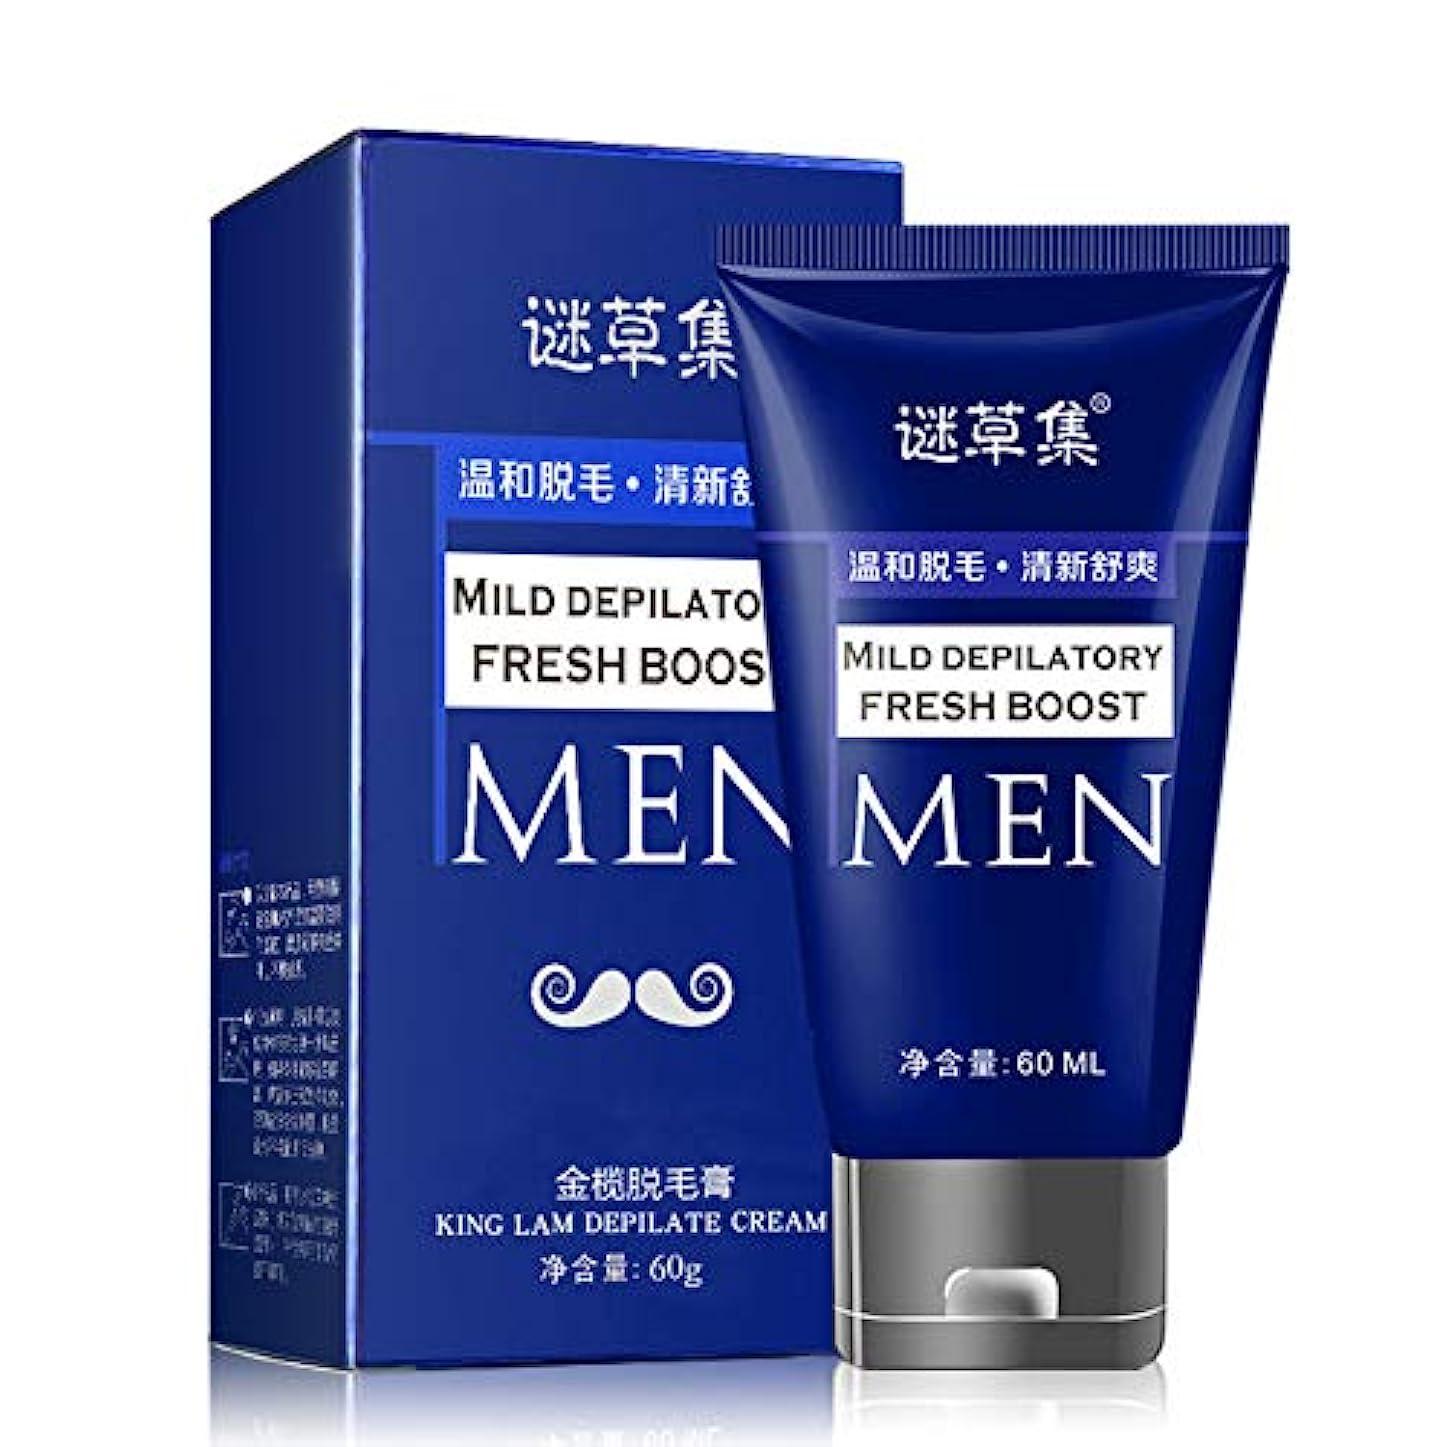 追跡喪性能Rabugoo セクシー 60ML脱毛クリーム脱毛腕のアームの脚の毛の痛みは、男性の美容スパのために削除